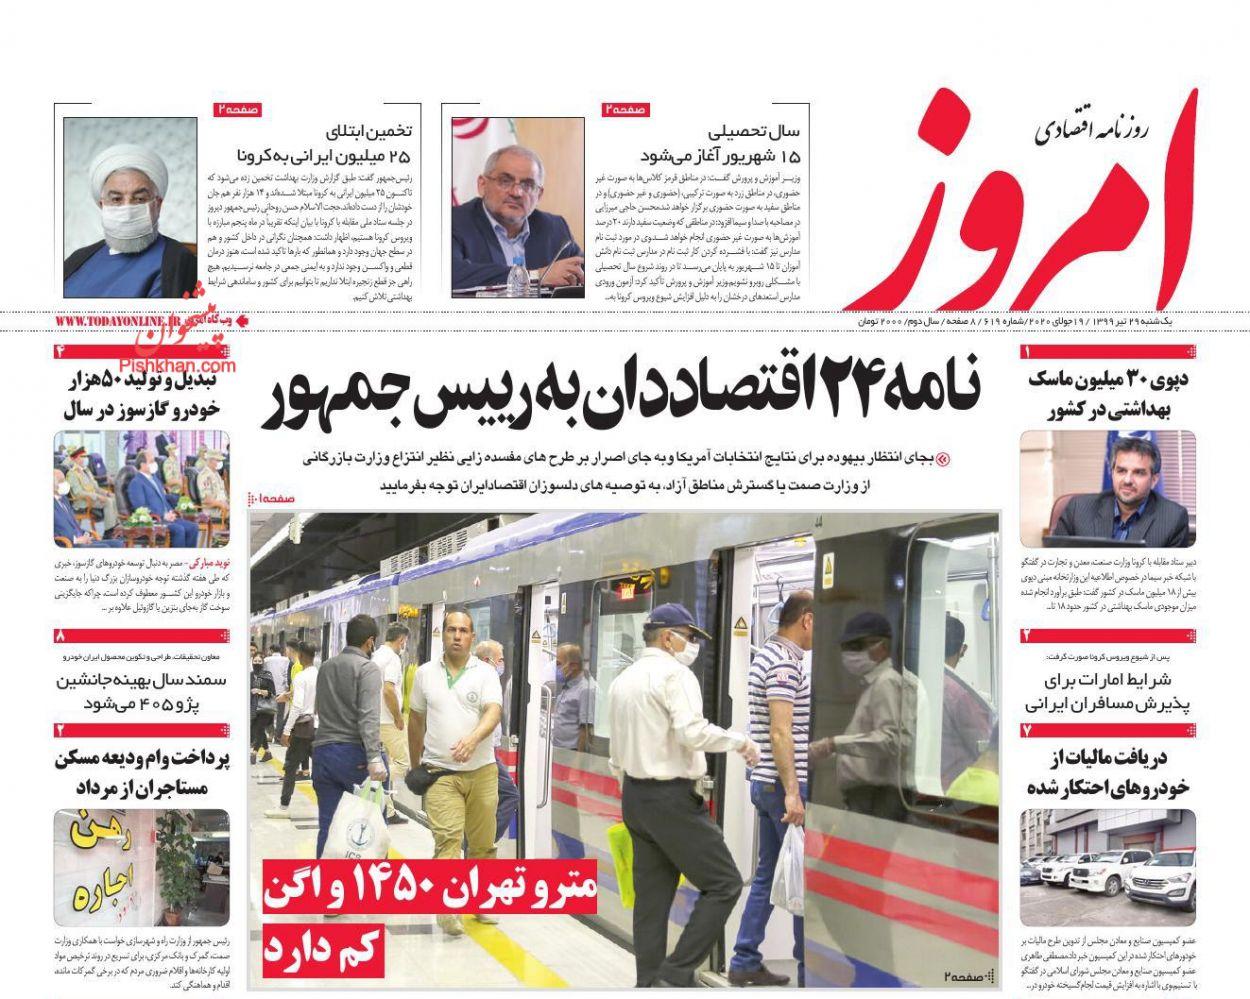 عناوین اخبار روزنامه امروز در روز یکشنبه ۲۹ تیر